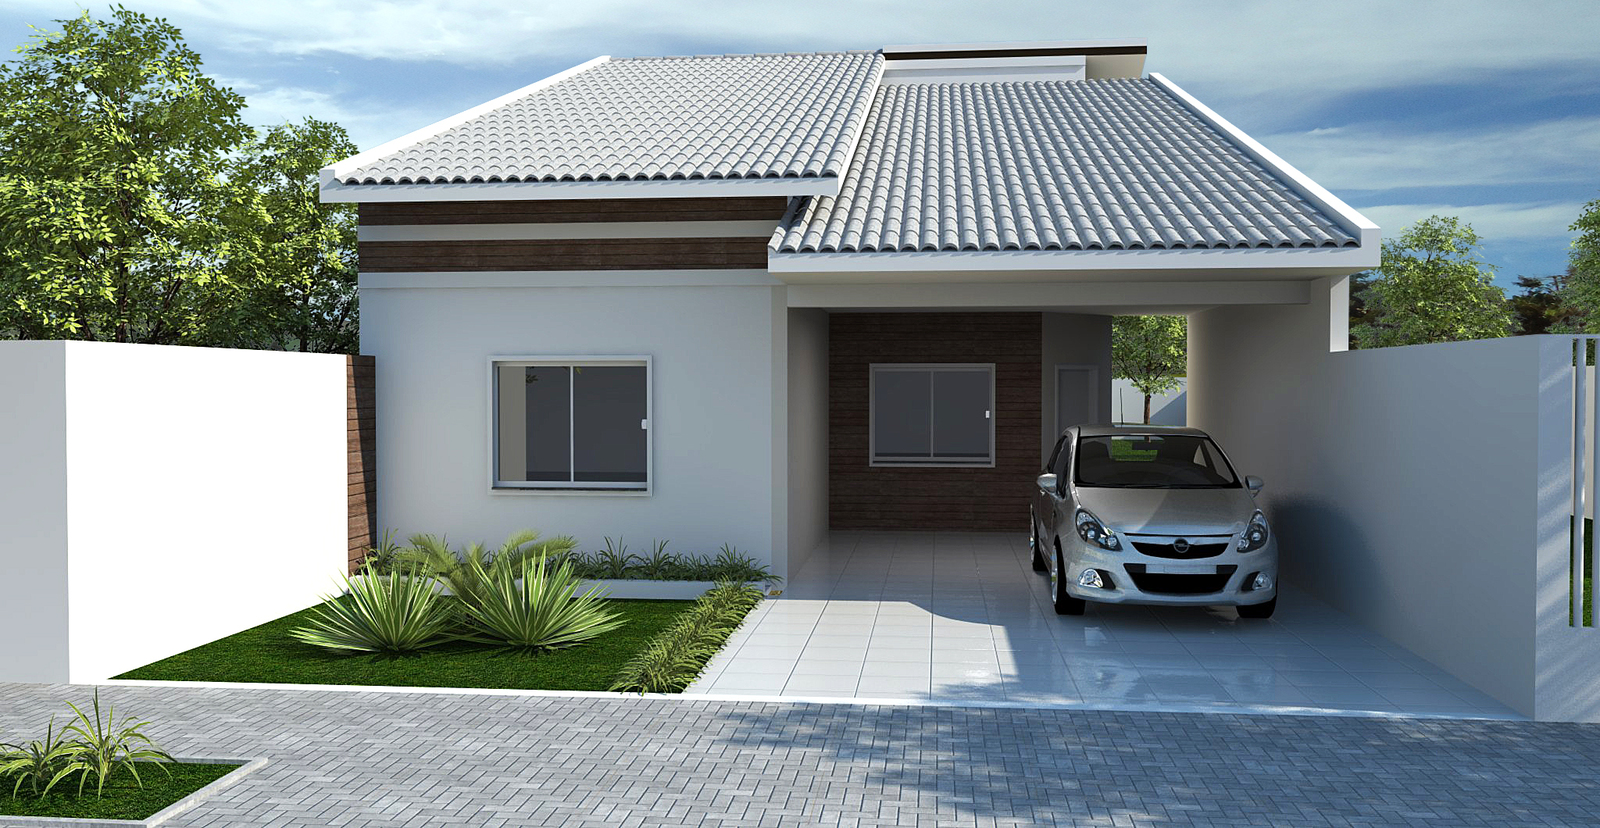 Fotos de fachadas de casas deixe a frente de casa linda for Fachadas para residencias